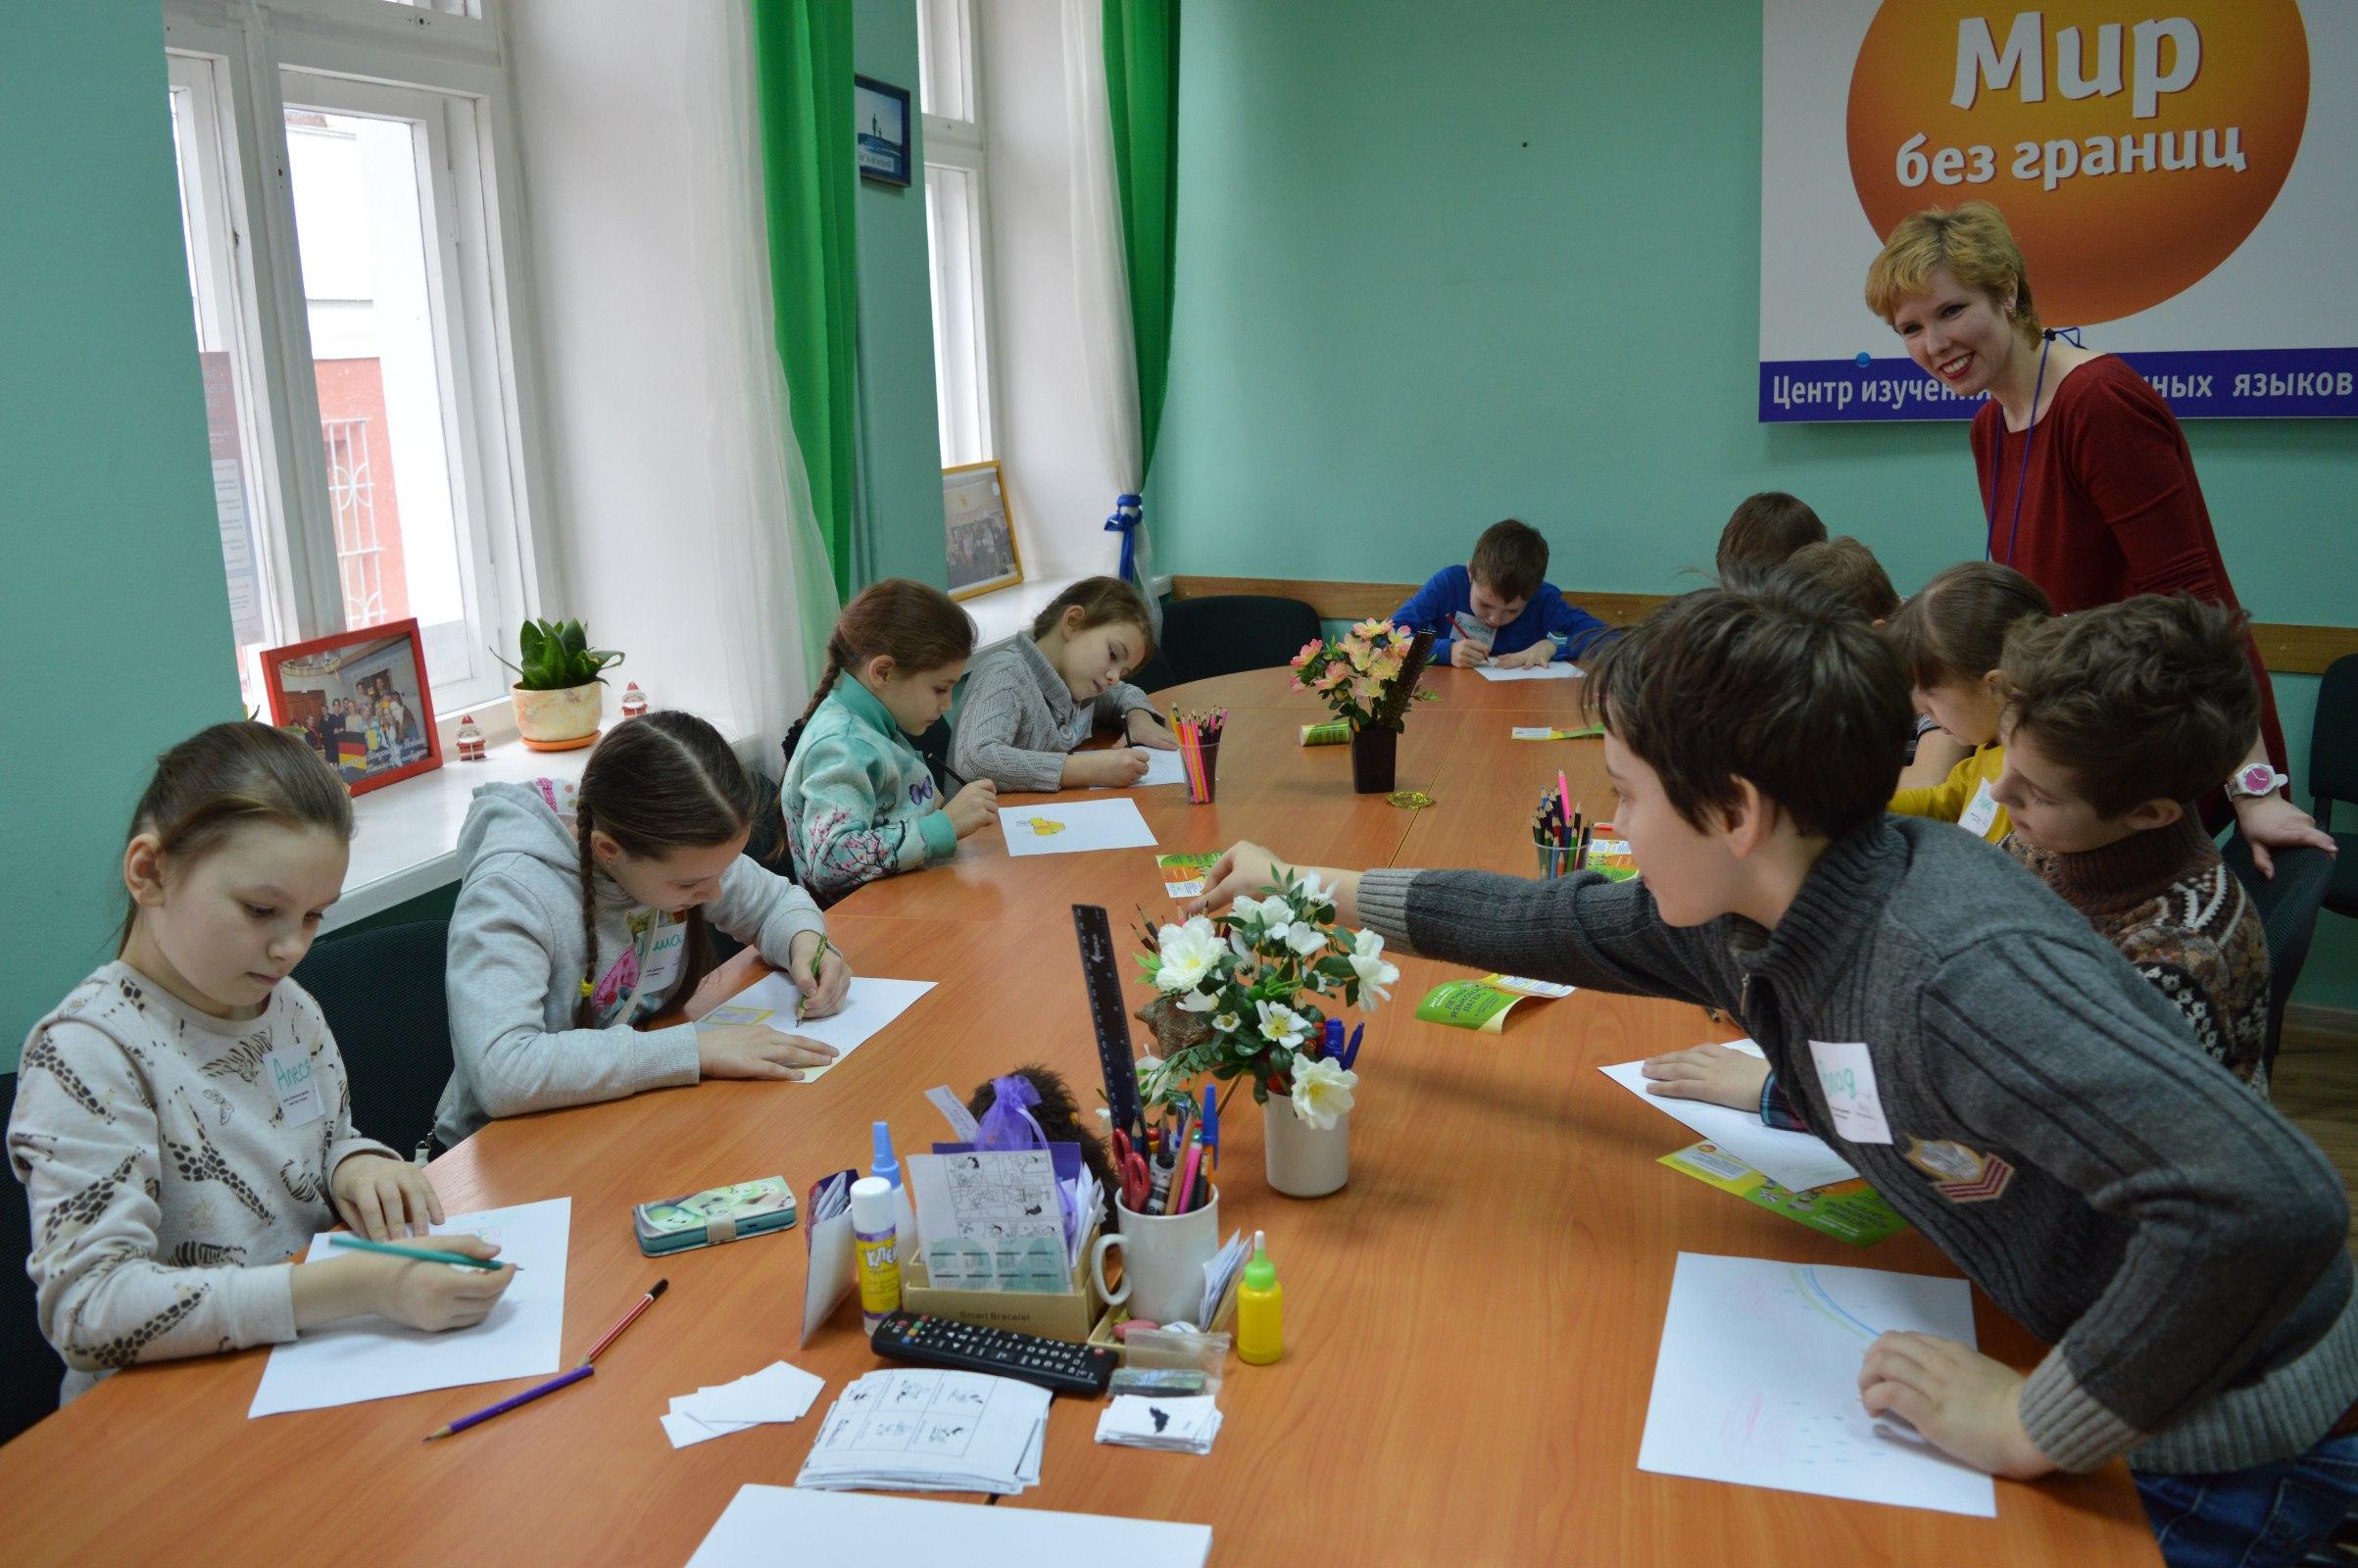 Групповое изучение английского 4 класс скачать бесплатно обучение русским народным танцам